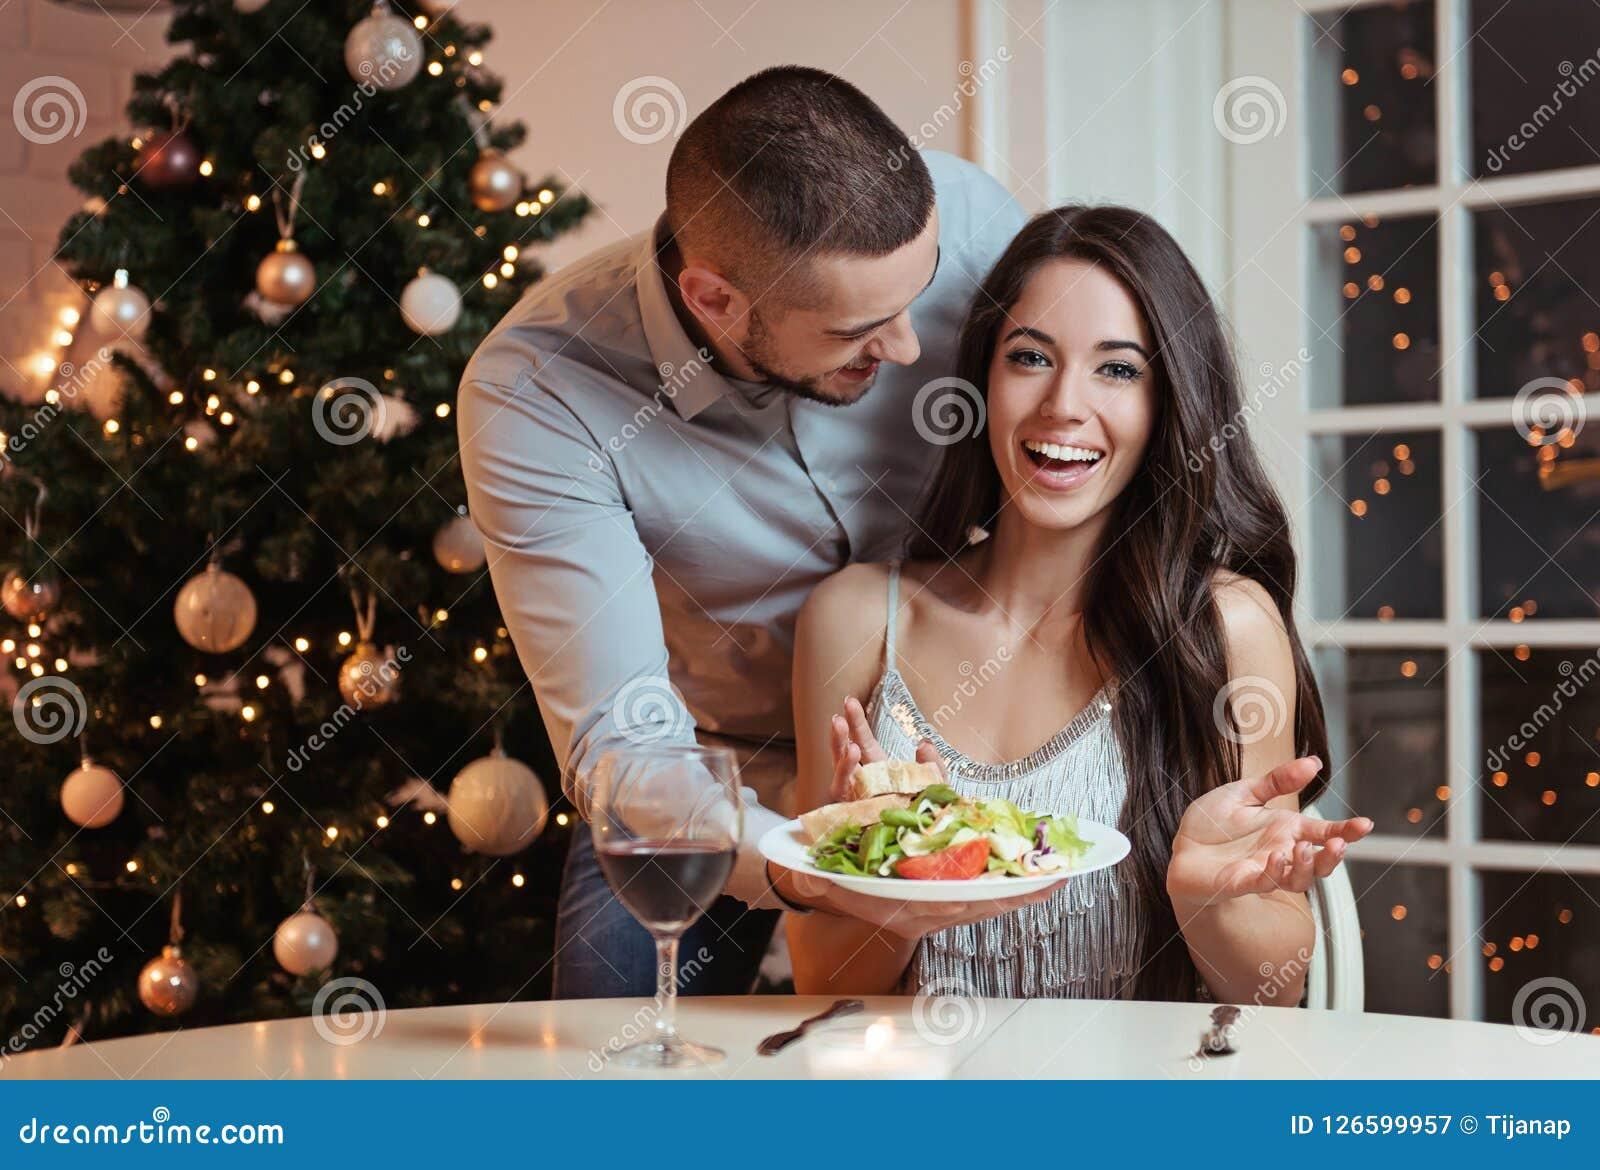 Ζεύγος ερωτευμένο, έχοντας ένα ρομαντικό γεύμα